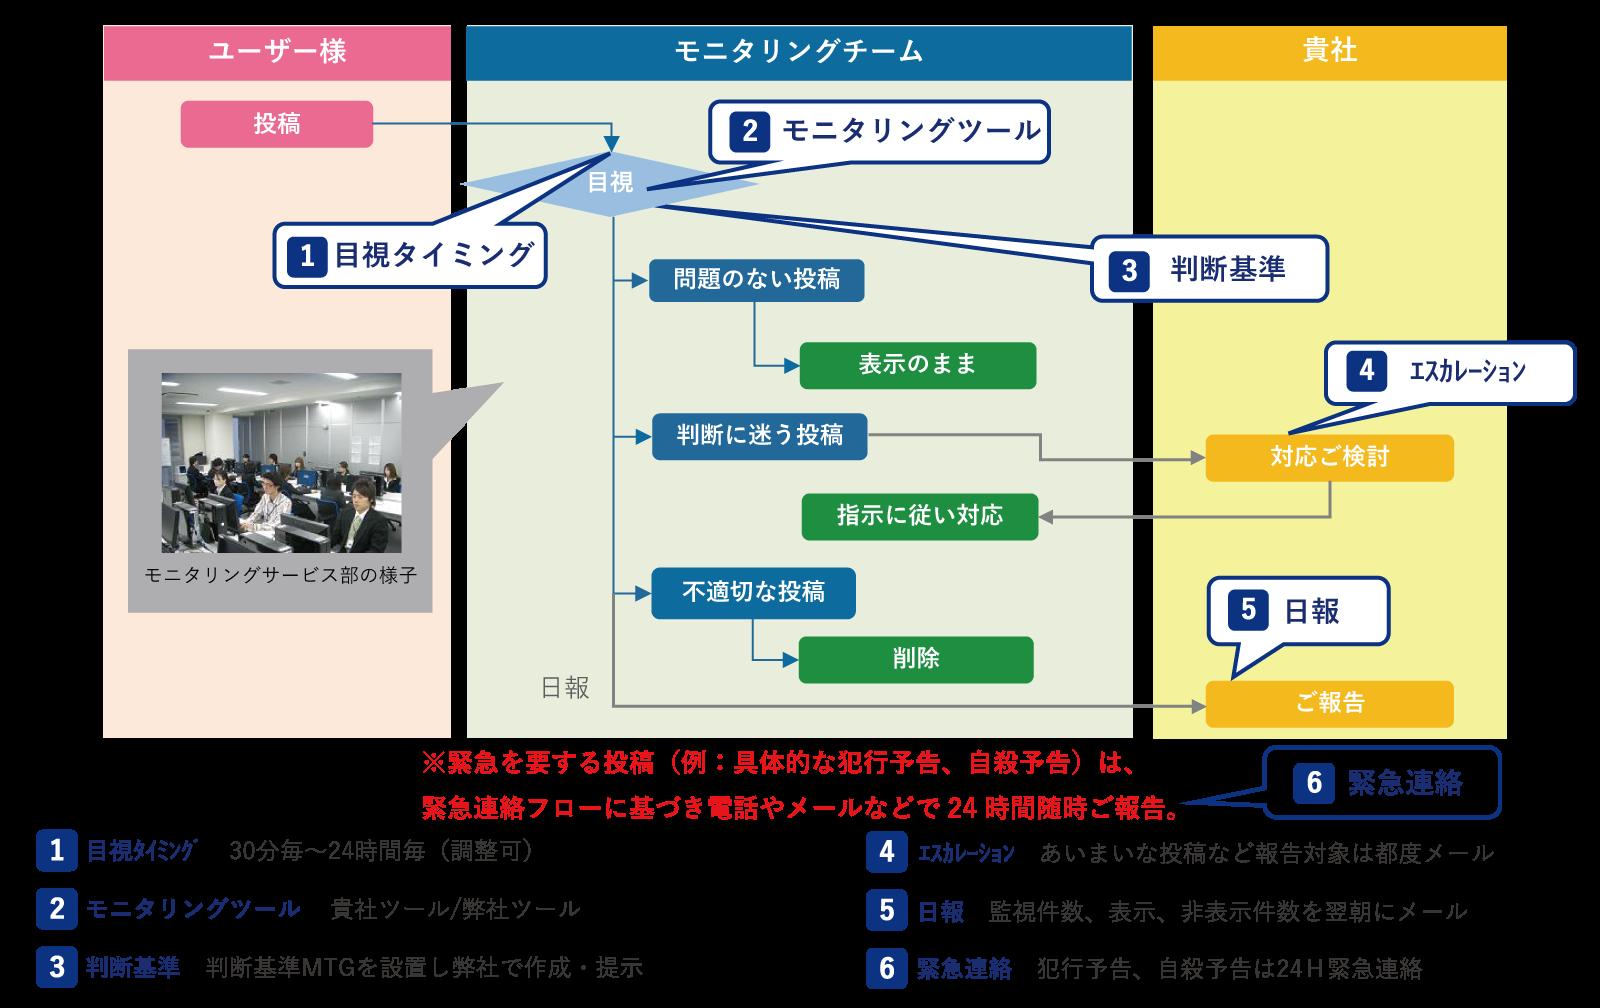 炎上対策_監視サービス_運用フロー図